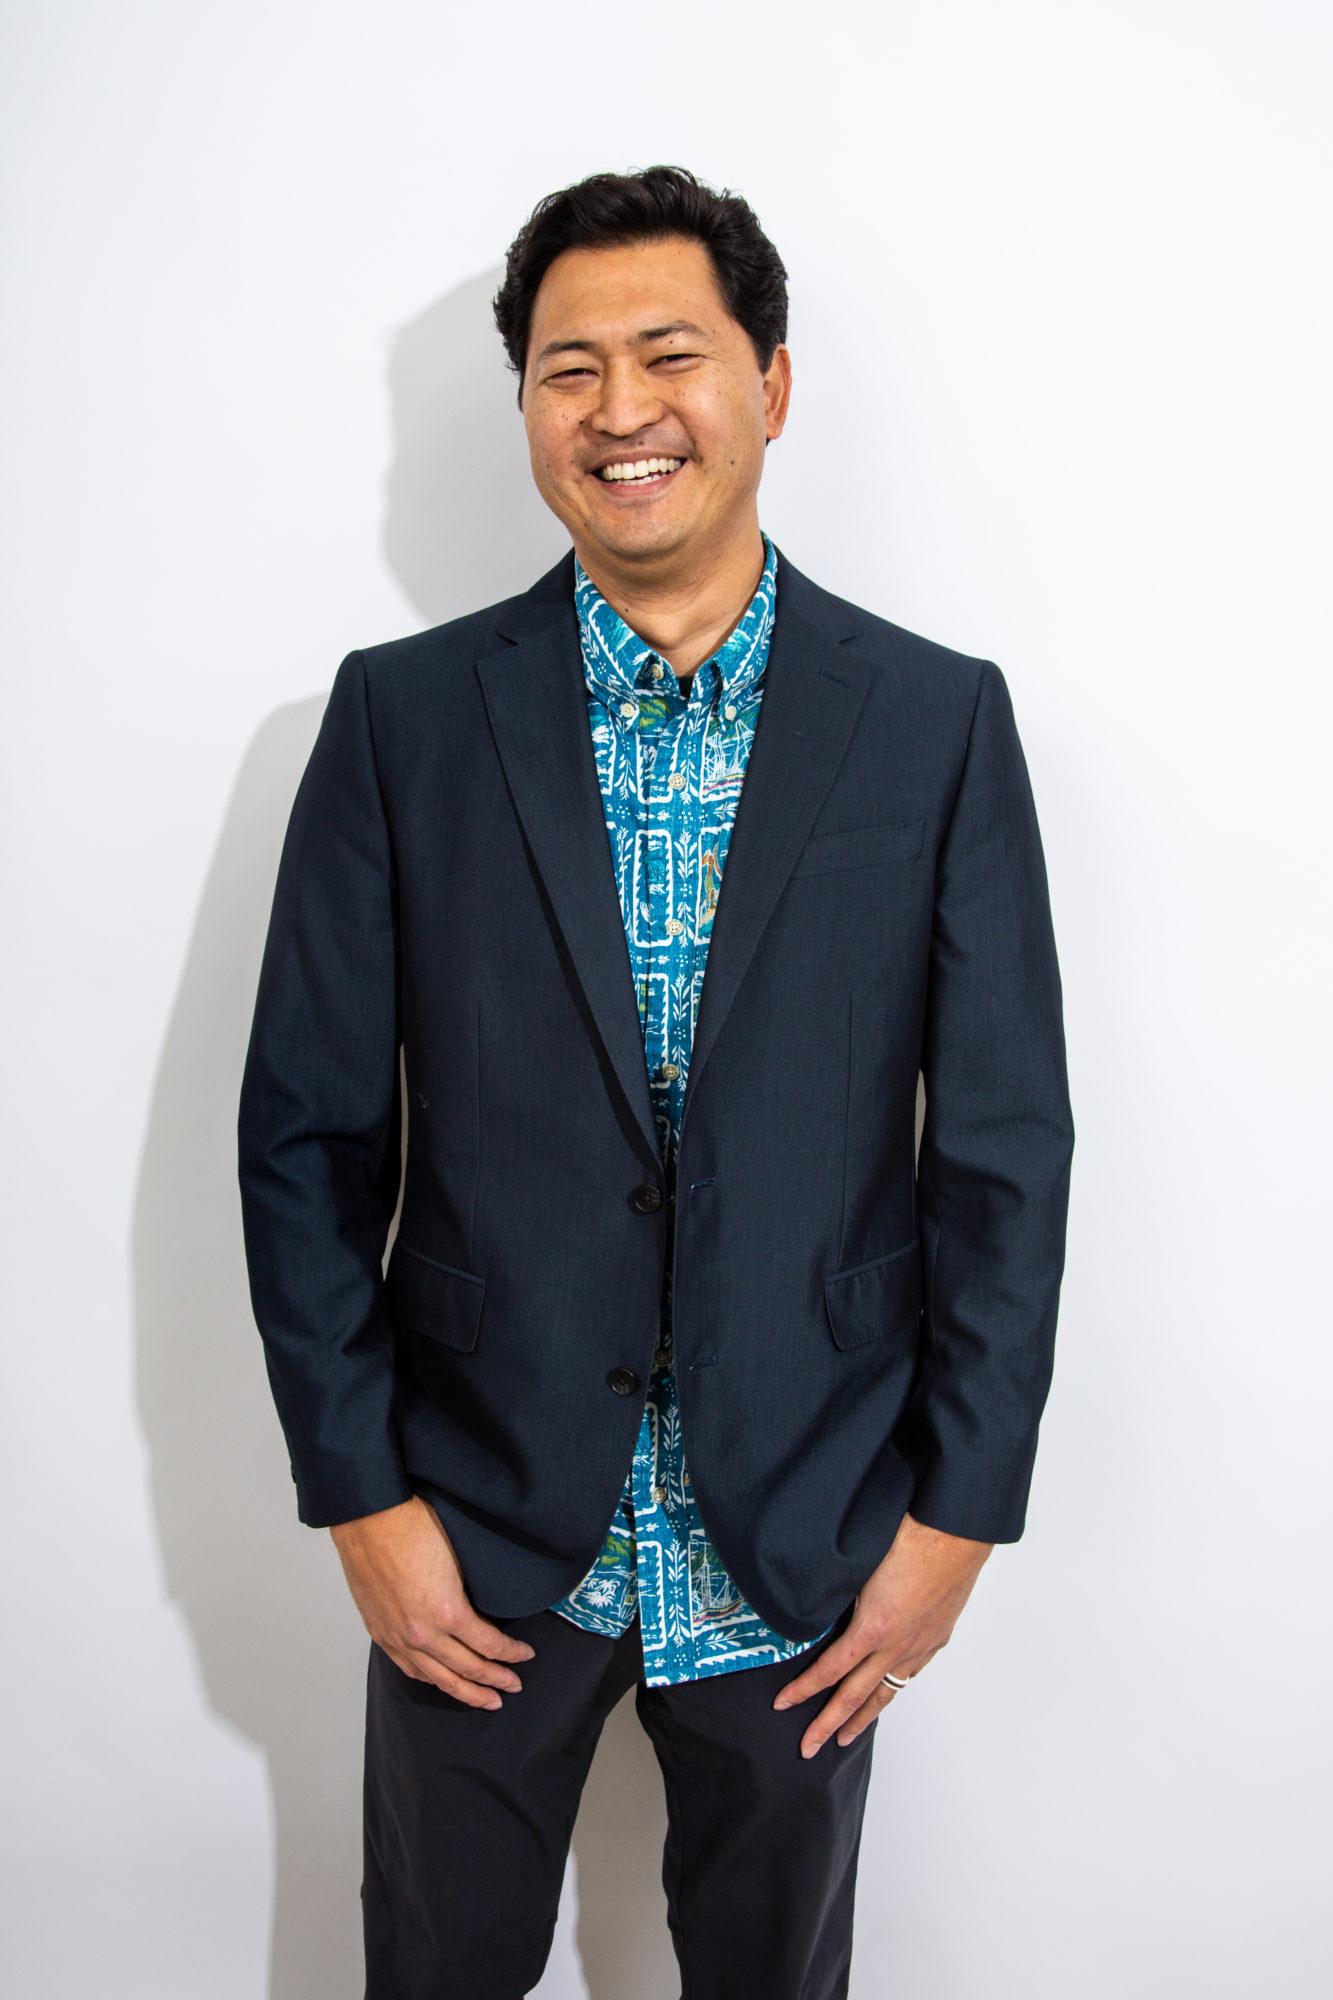 Keith Tanaka | 2020 SAMYs